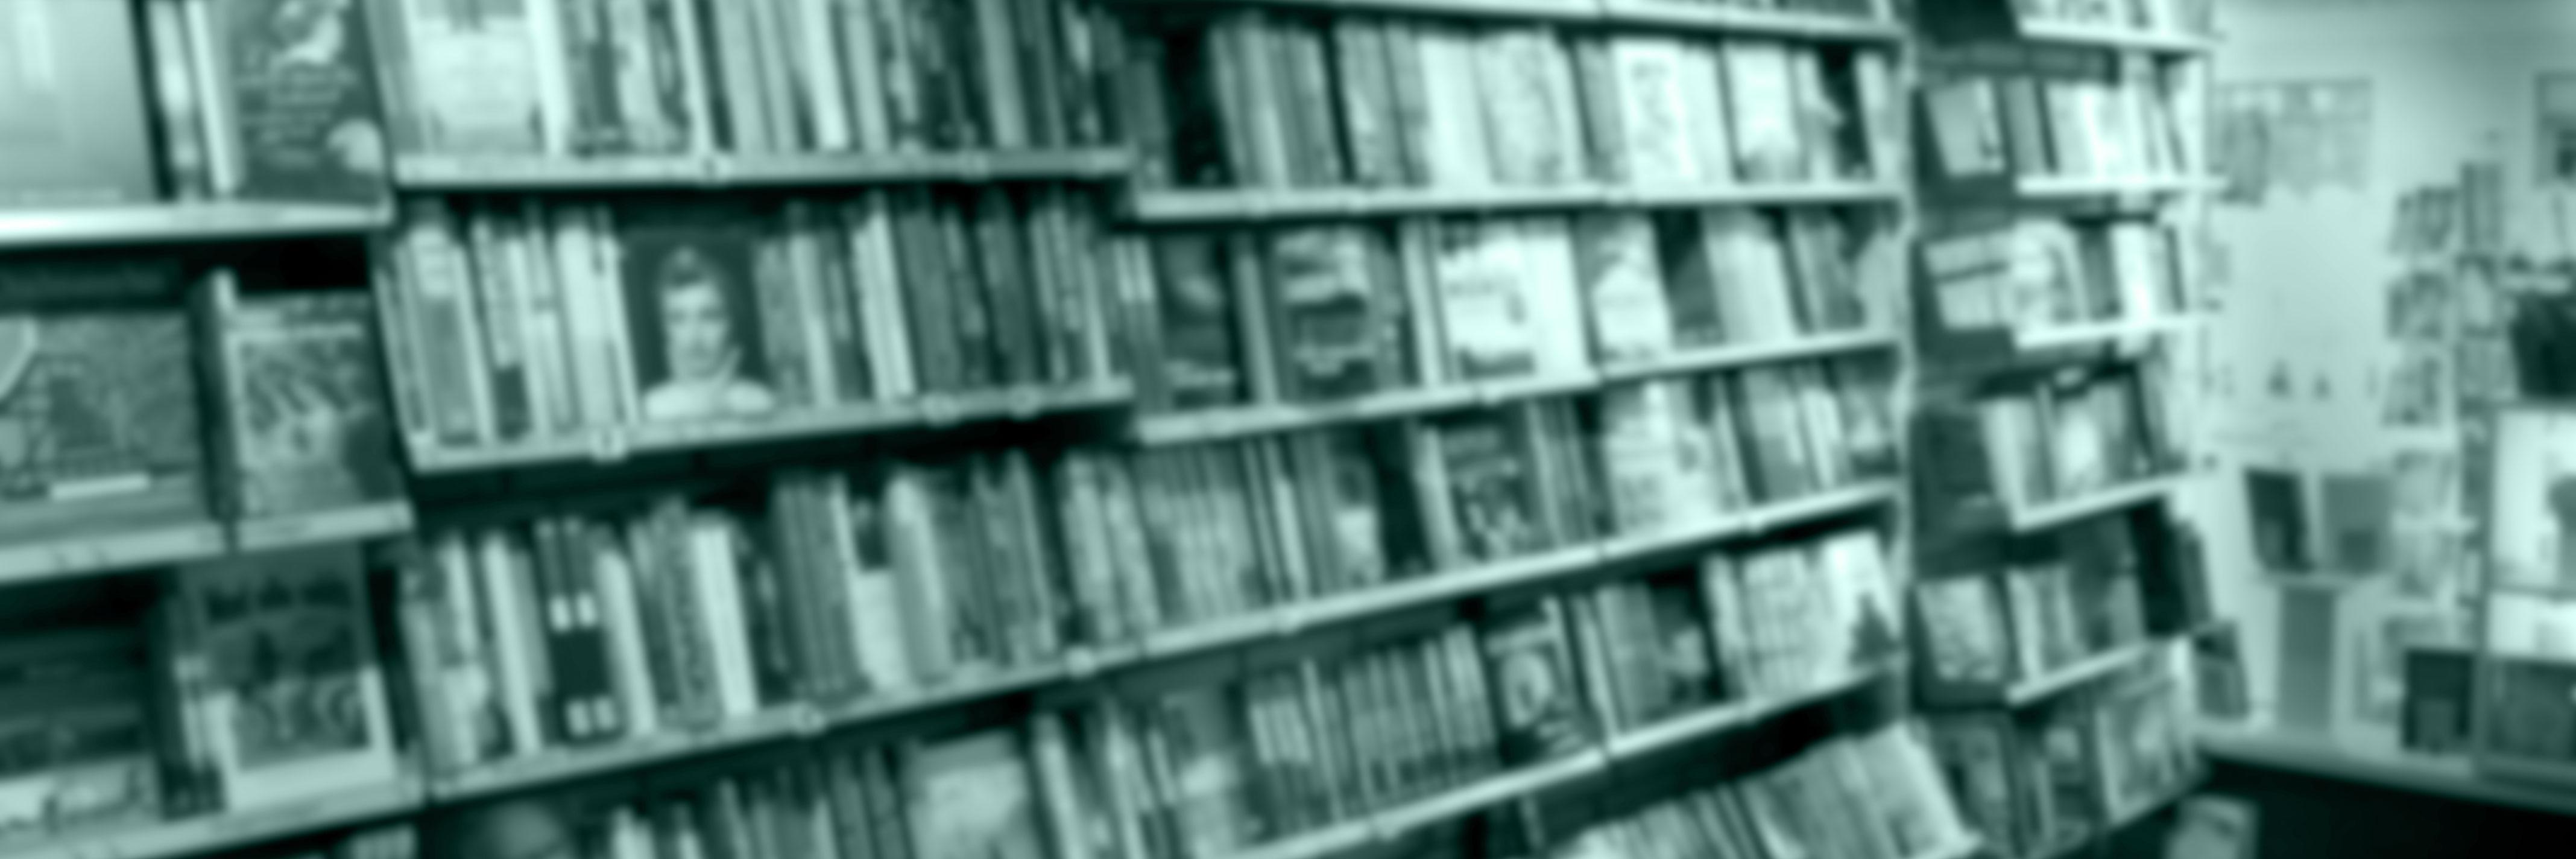 Om Skagen Boghandel